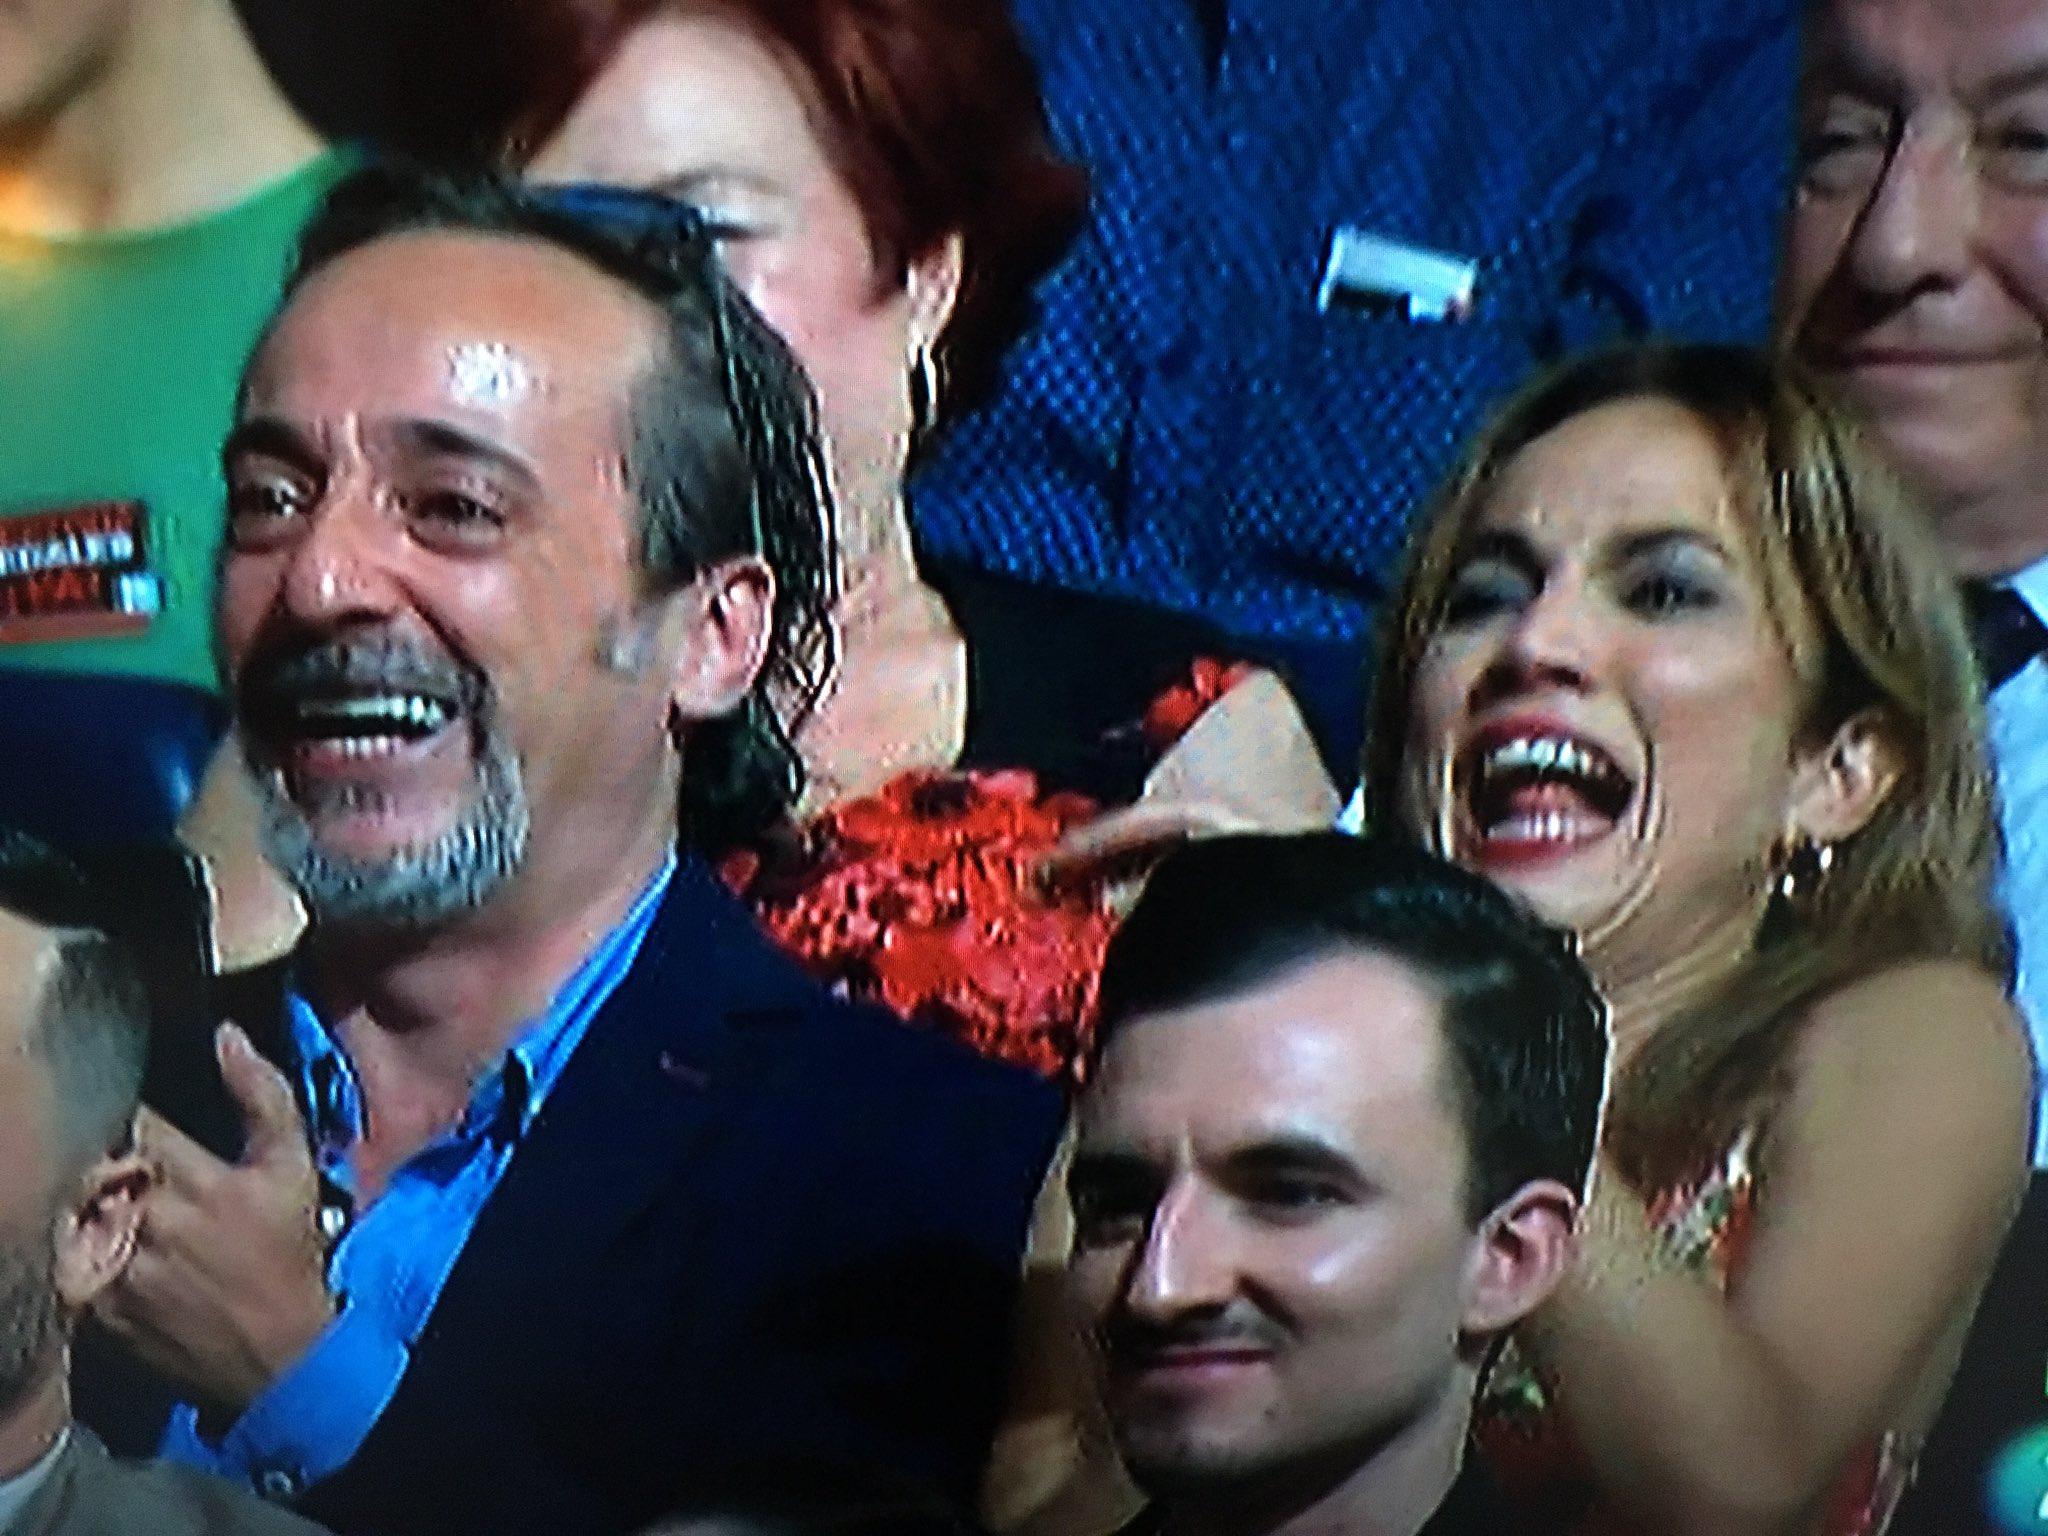 Este momentazo! @Noasantamaria dando las gracias por su Max y sus compis @javicollok y @AcostaToni tronchados de la risa x onomatopeya final https://t.co/gdPTXkwW8G